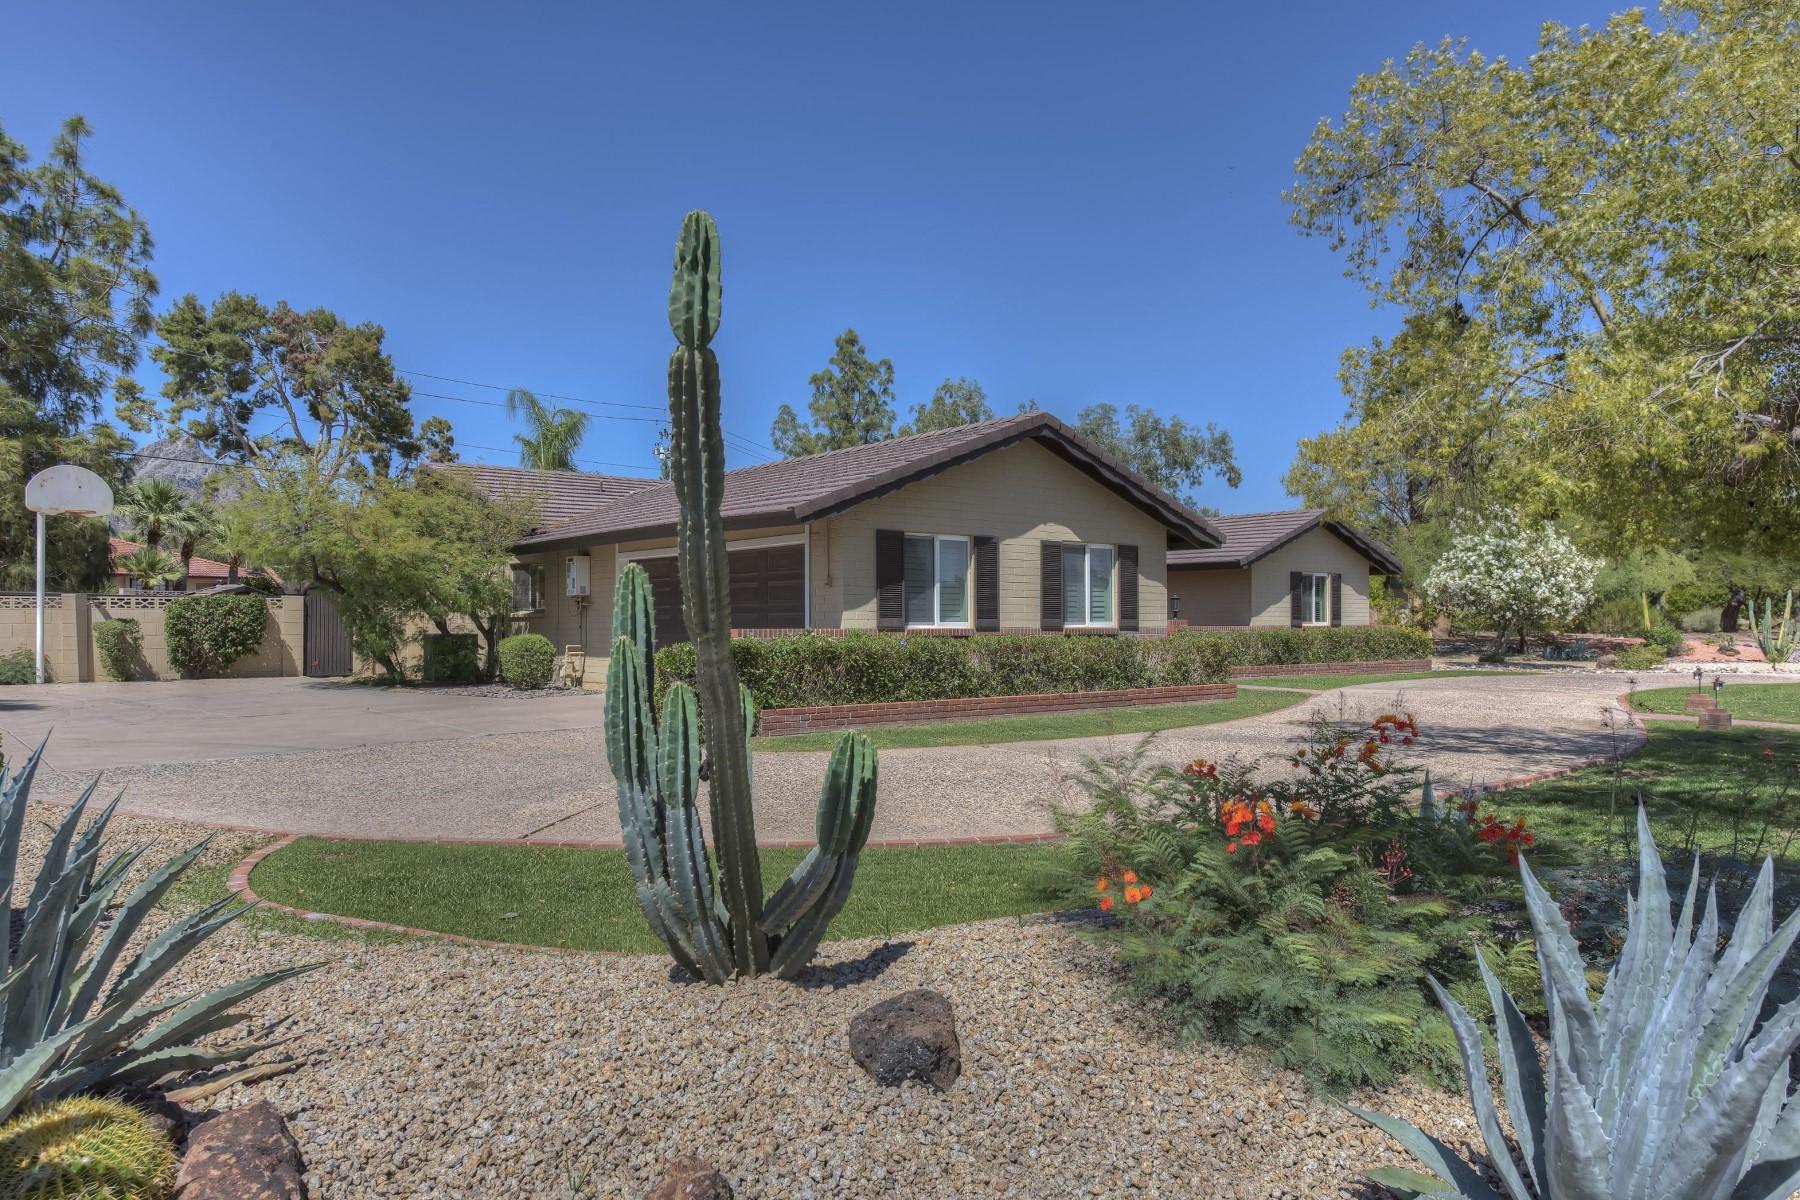 一戸建て のために 売買 アット Charming home in the prestigious quiet neighborhood of Bel Aire Estates 2202 E Montebello Ave Phoenix, アリゾナ, 85016 アメリカ合衆国